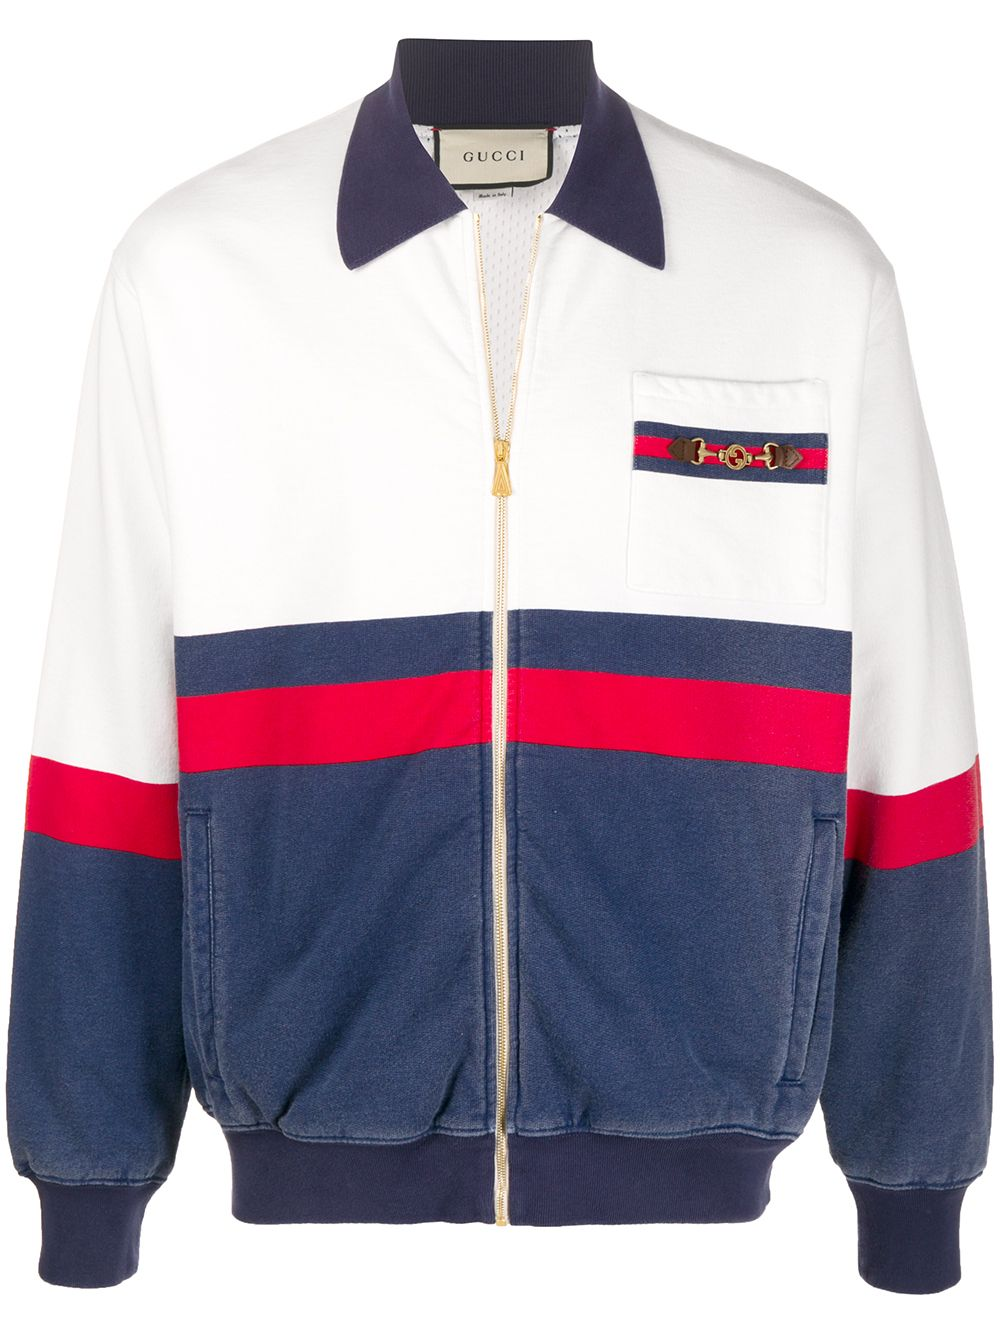 Gucci Sweatshirtjacke mit Horsebit-Detail - Weiß